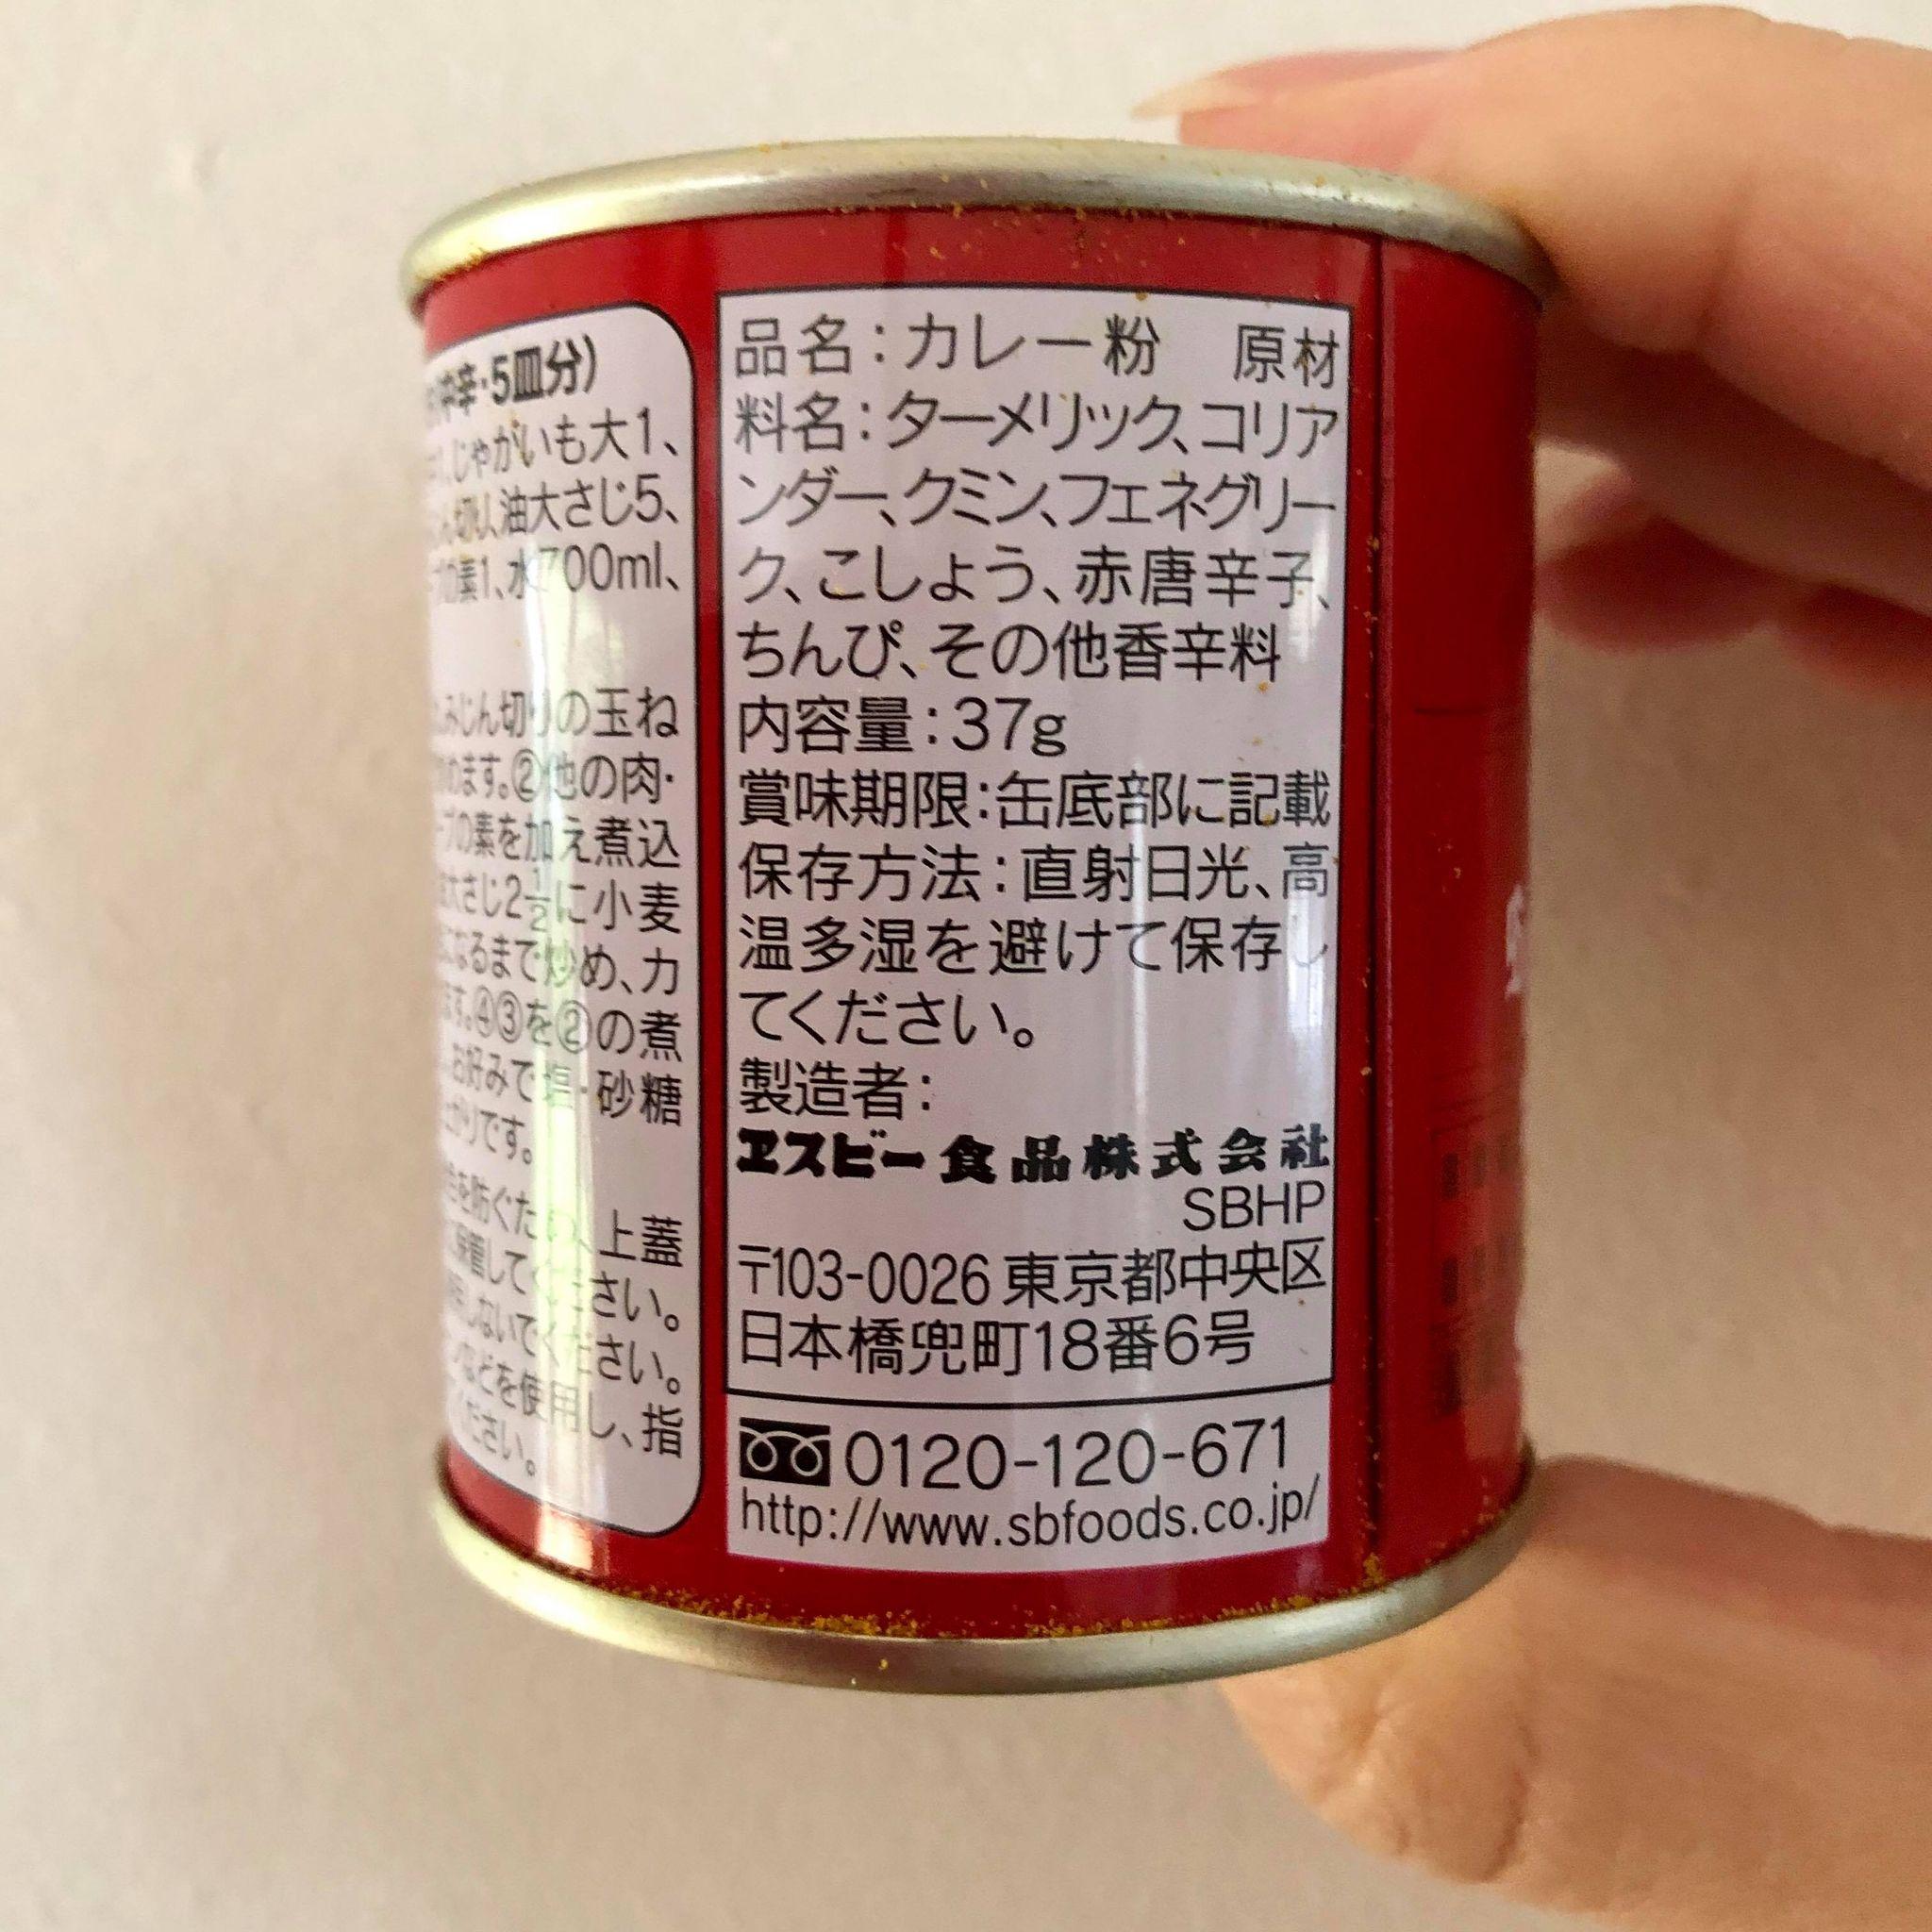 S&Bのカレー粉はミックススパイスの代表です